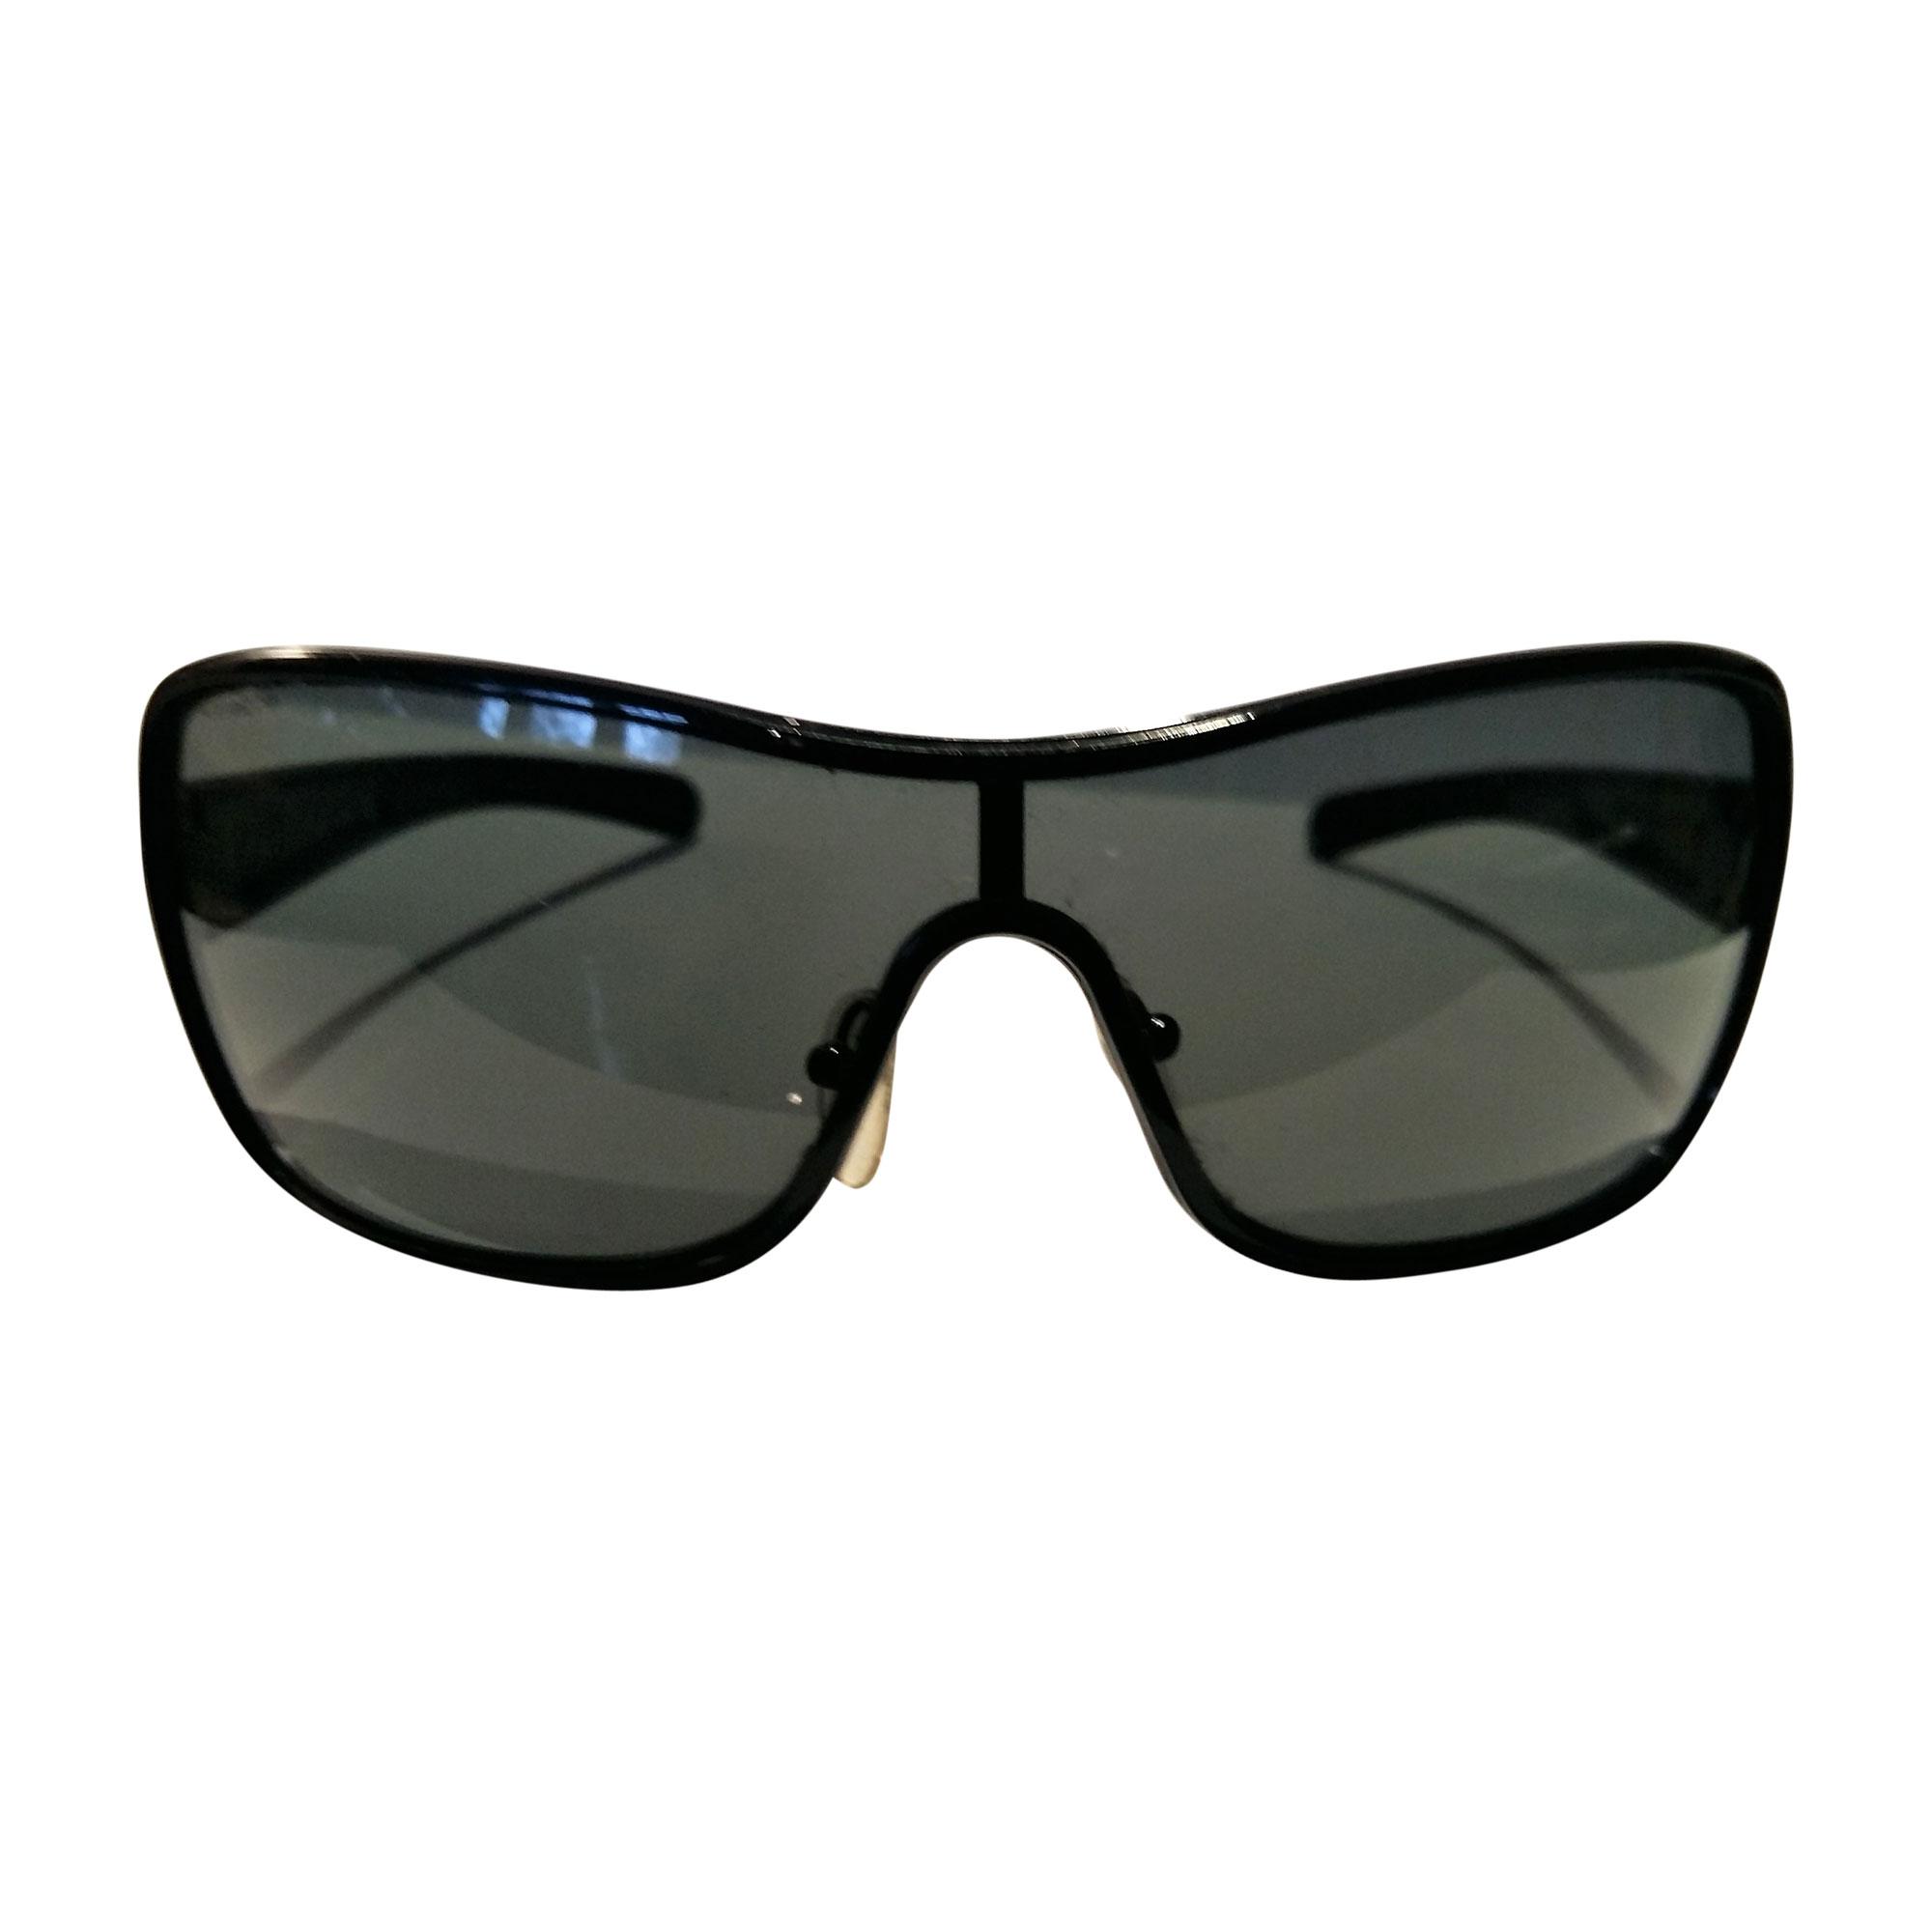 f7d267f068669d Lunettes de soleil PRADA noir - 7444073